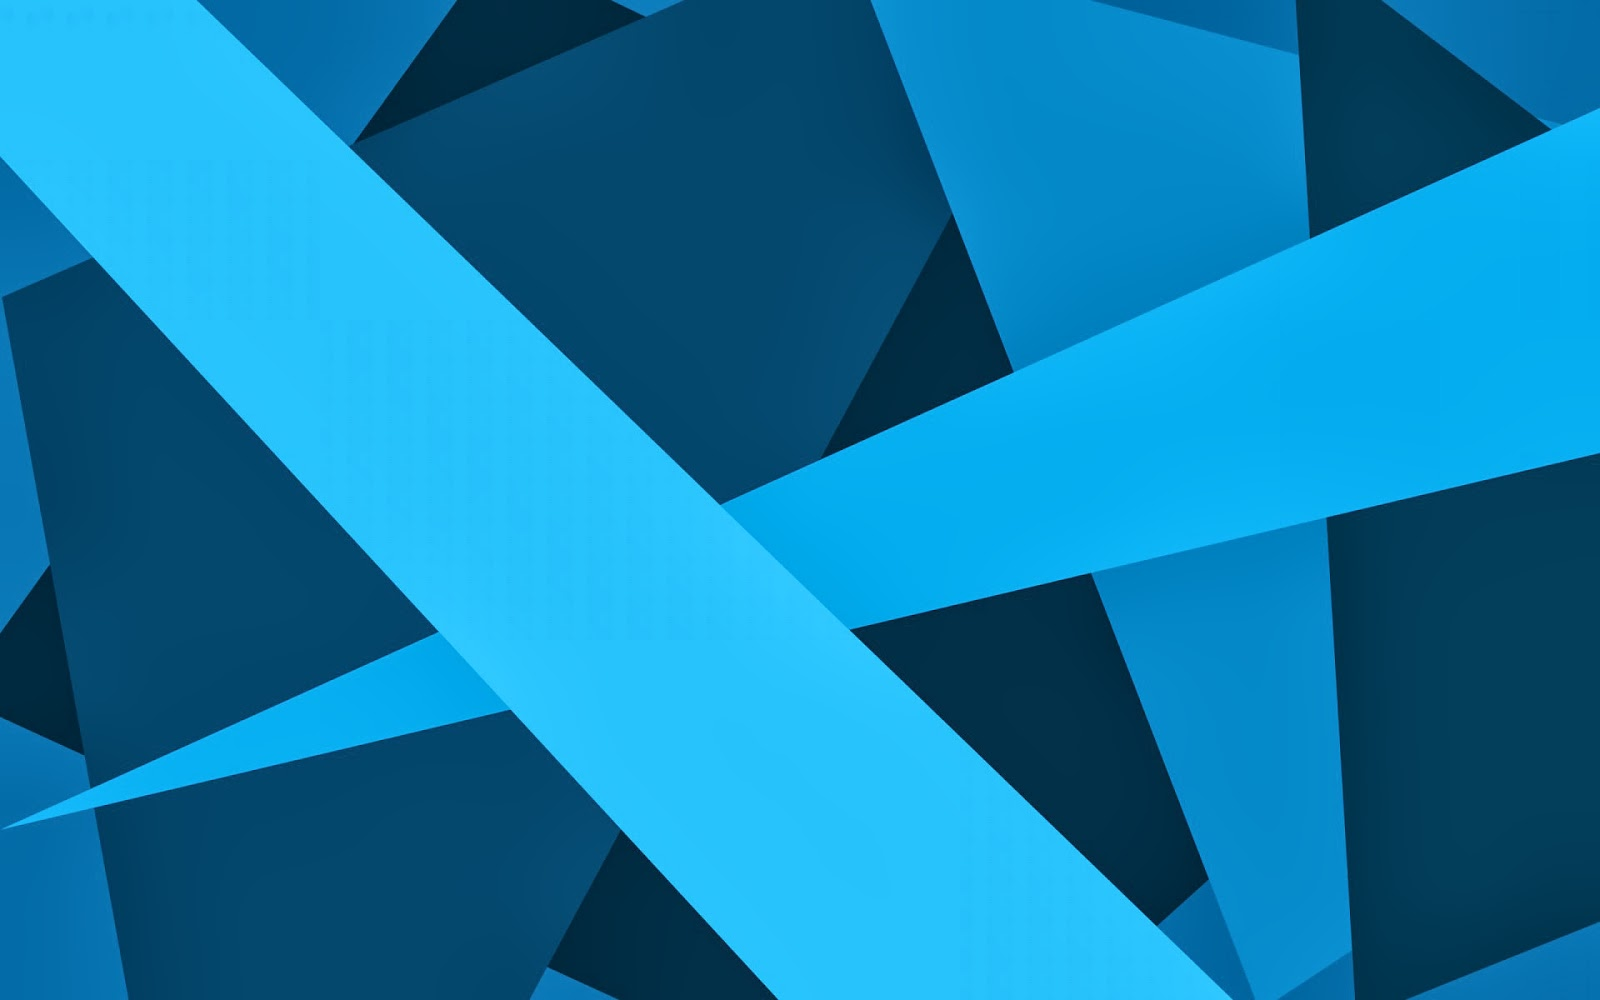 donkerblauwe abstracte wallpaper met - photo #10